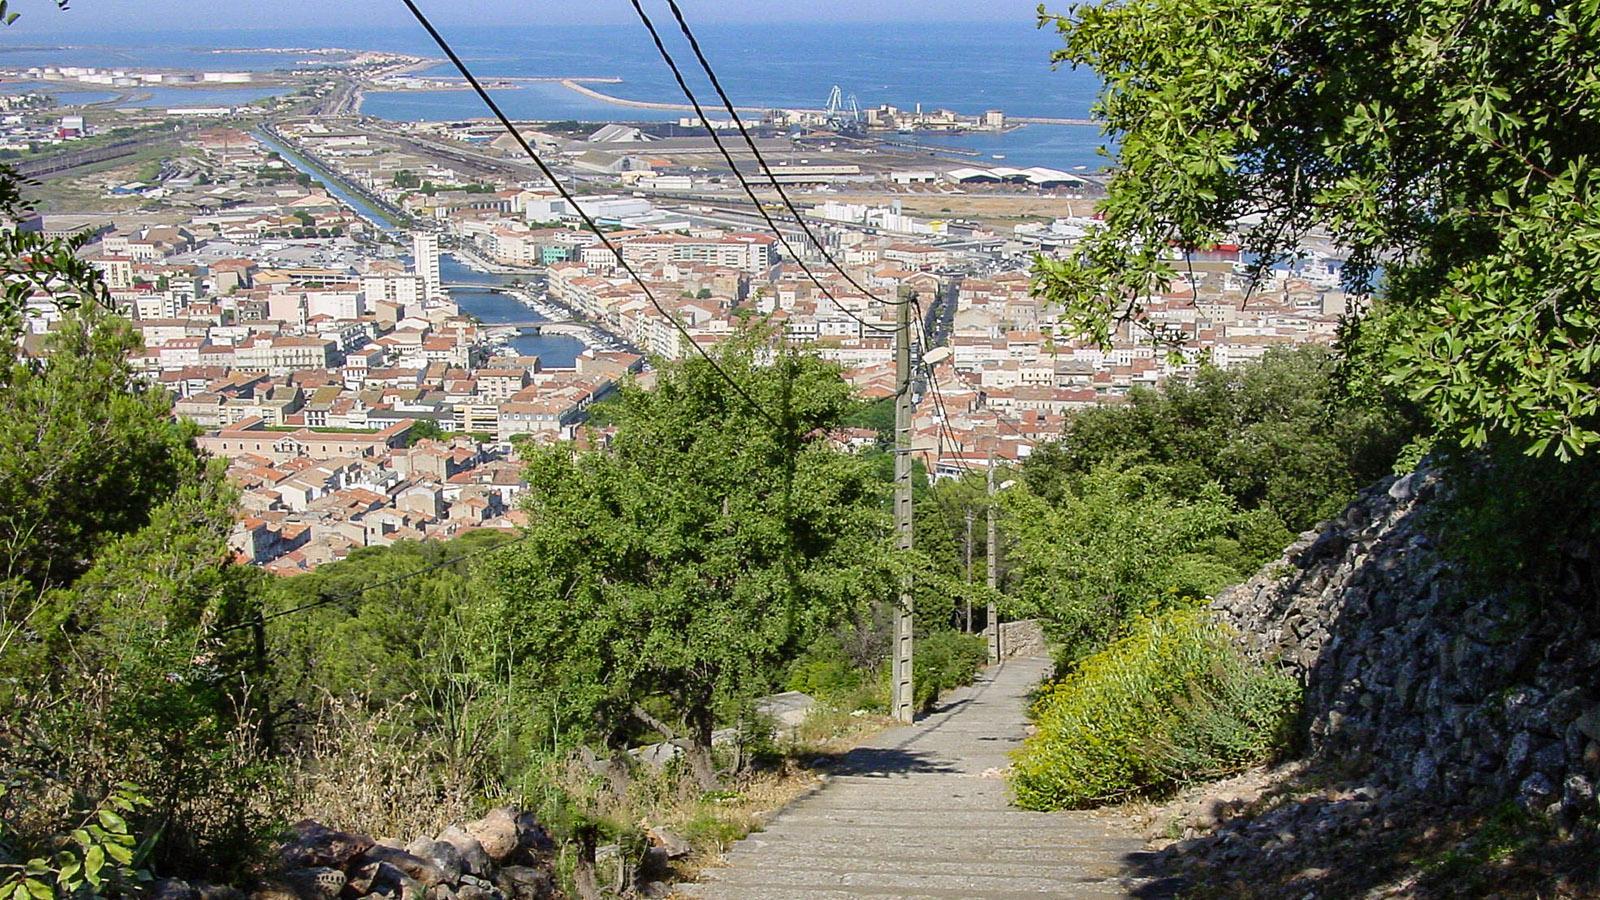 Sète: Blick vom Mont Saint-Clair auf die Stadt. Foto: Hilke Maunder